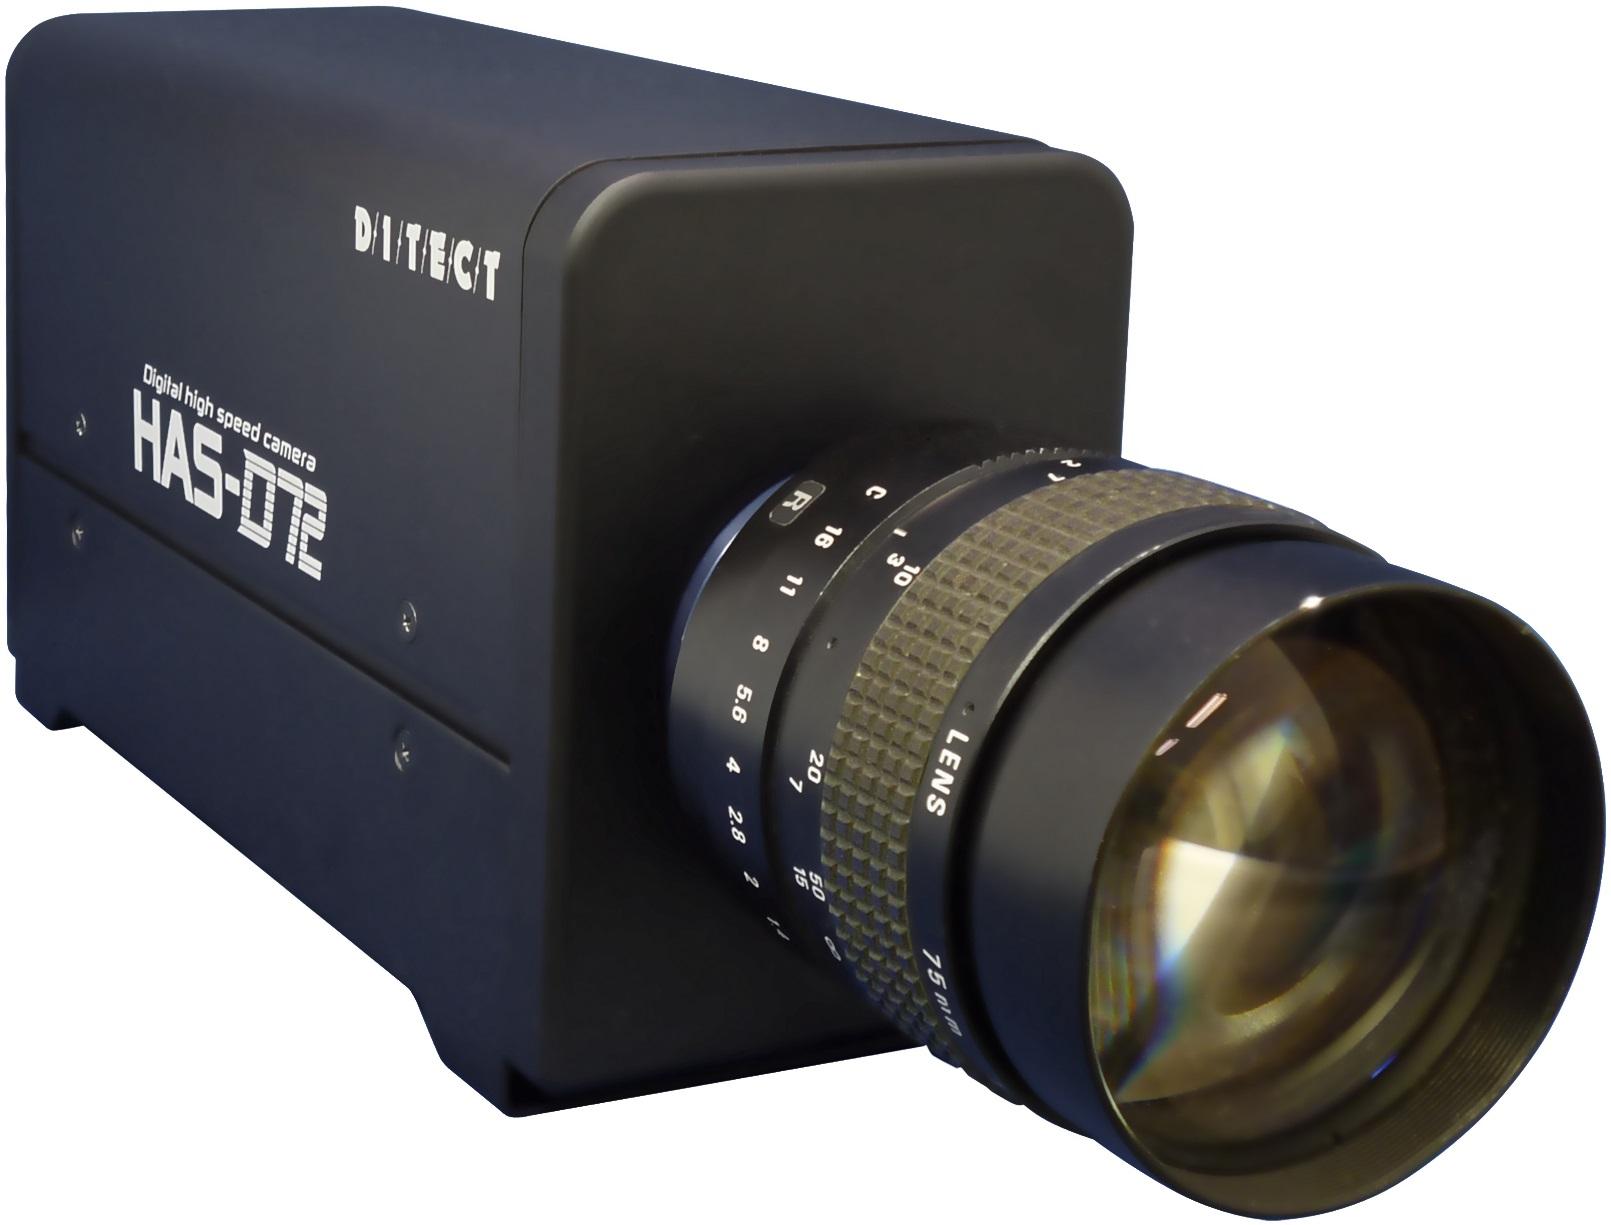 삼우과학 High Speed Cameras Pco Amp Ditect 고속카메라